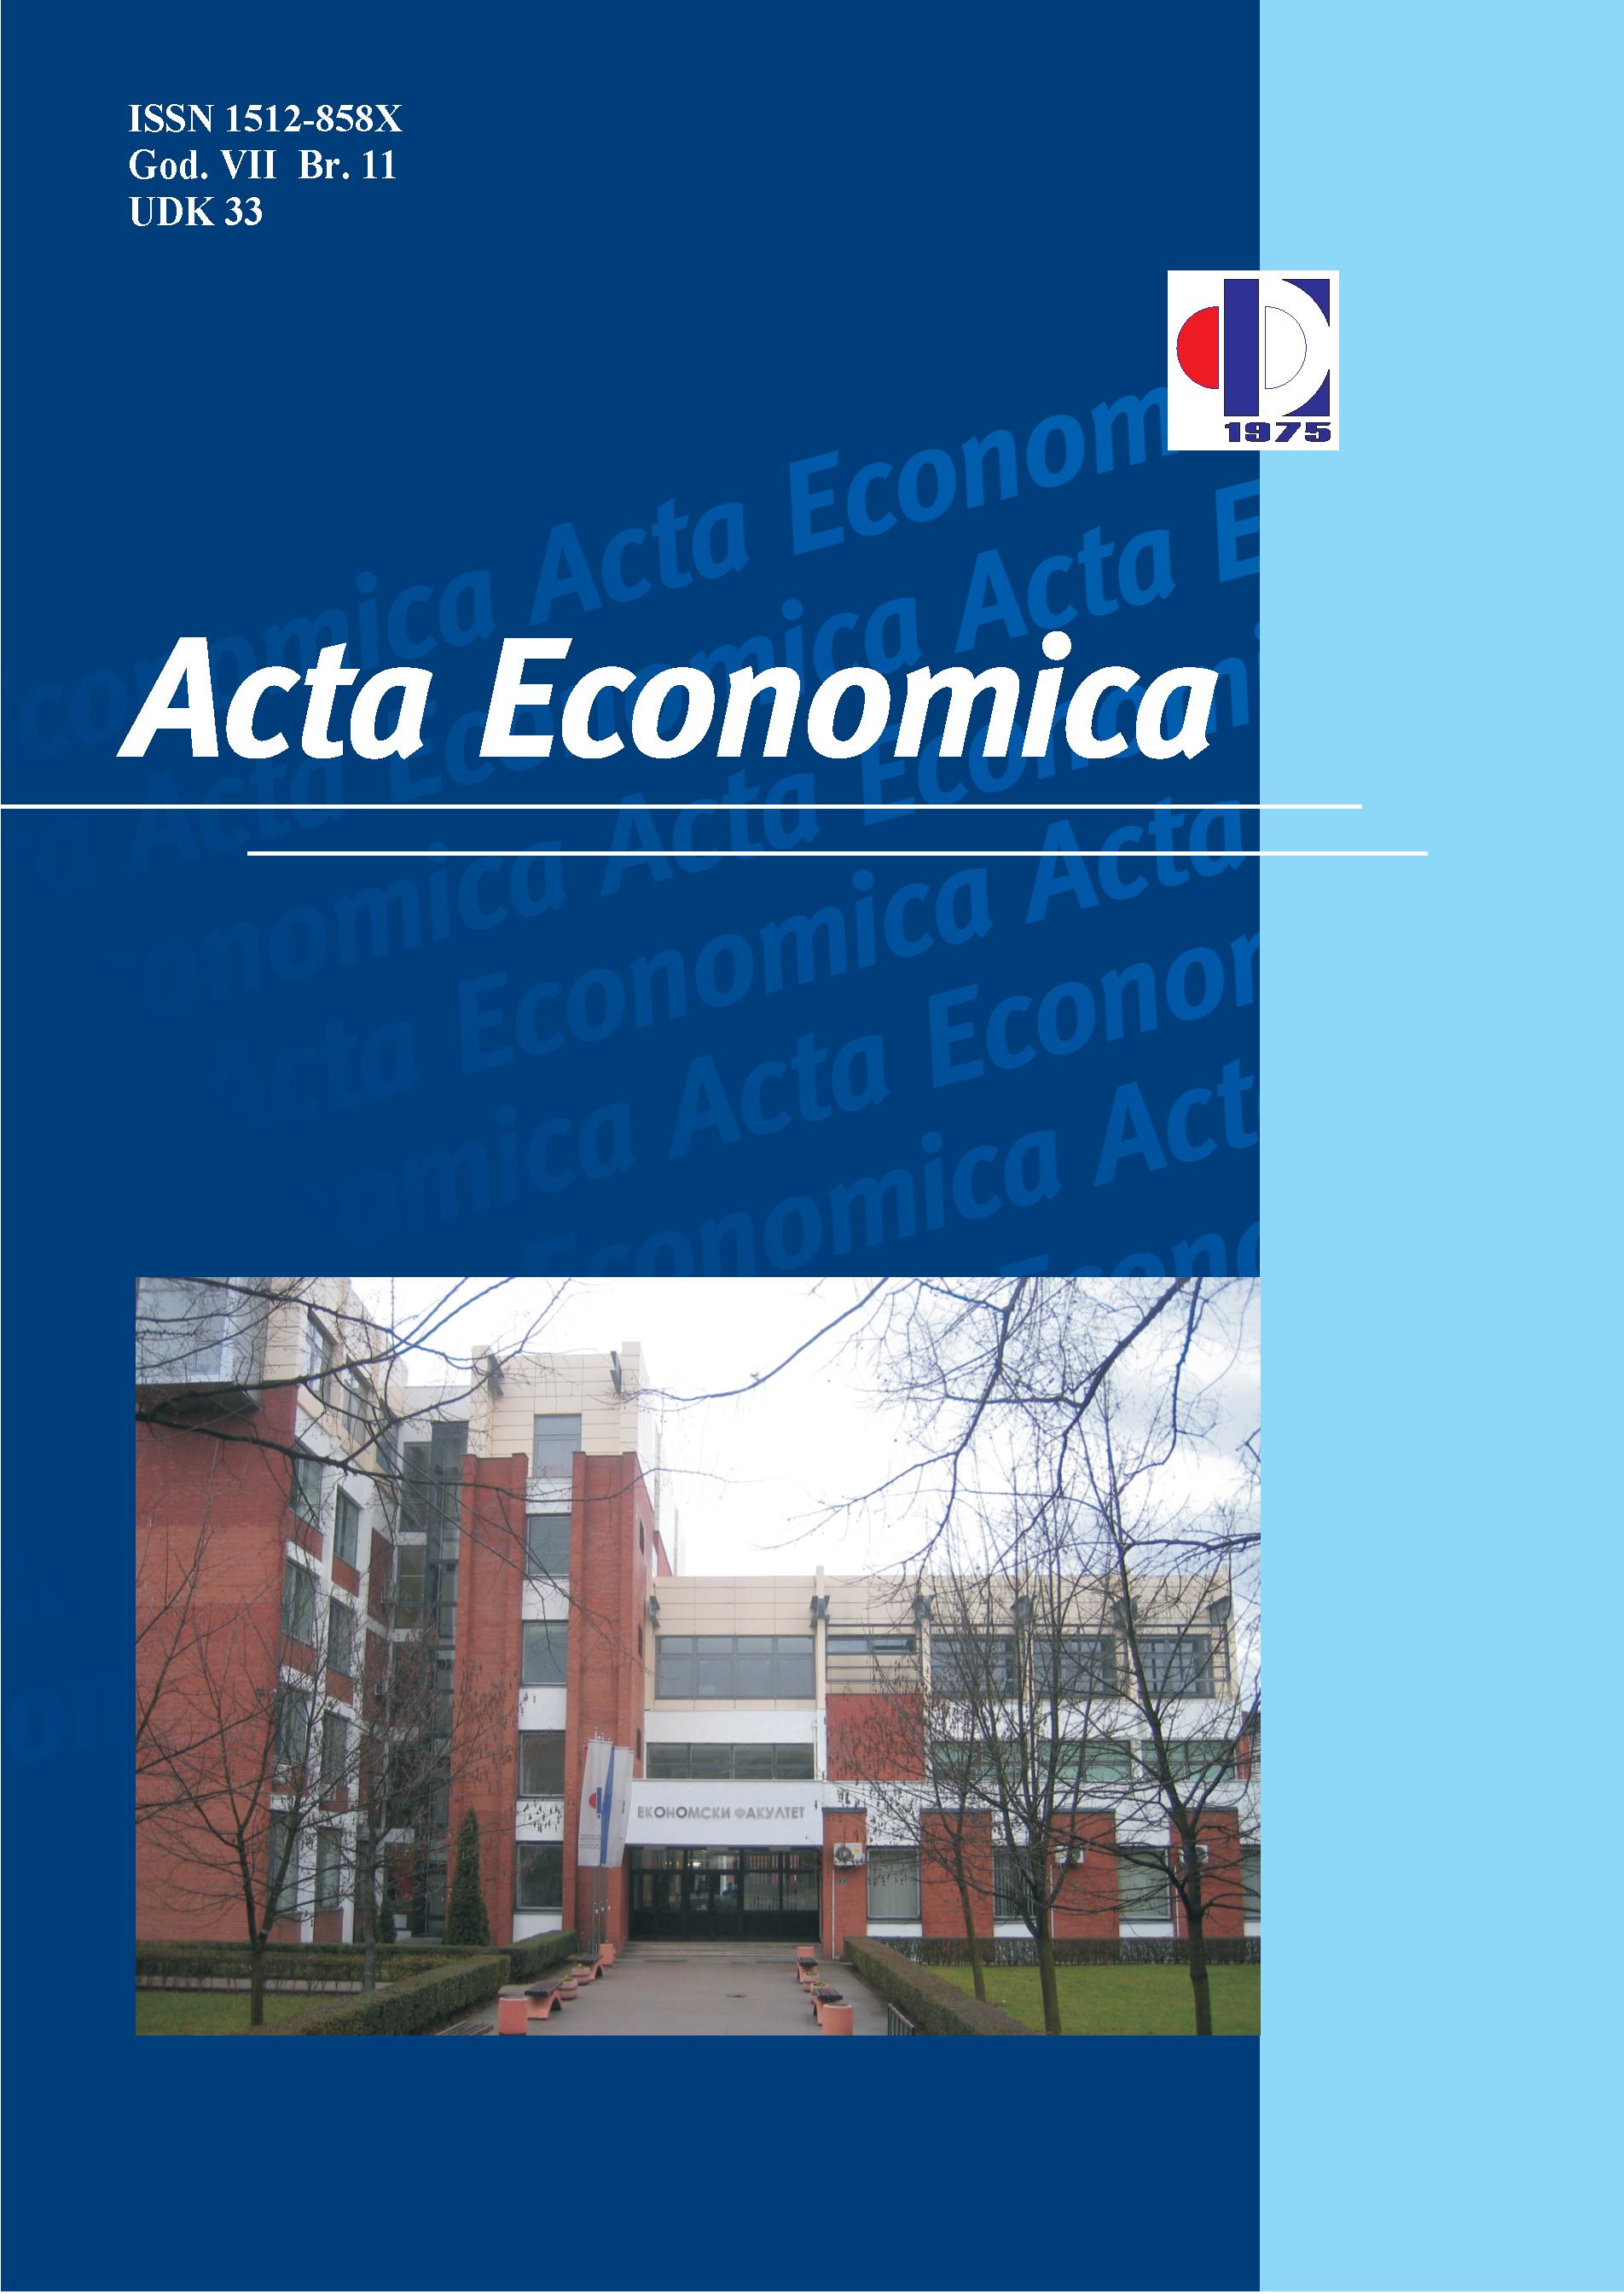 View Vol. 11 No. 19 (2013): Acta Economica